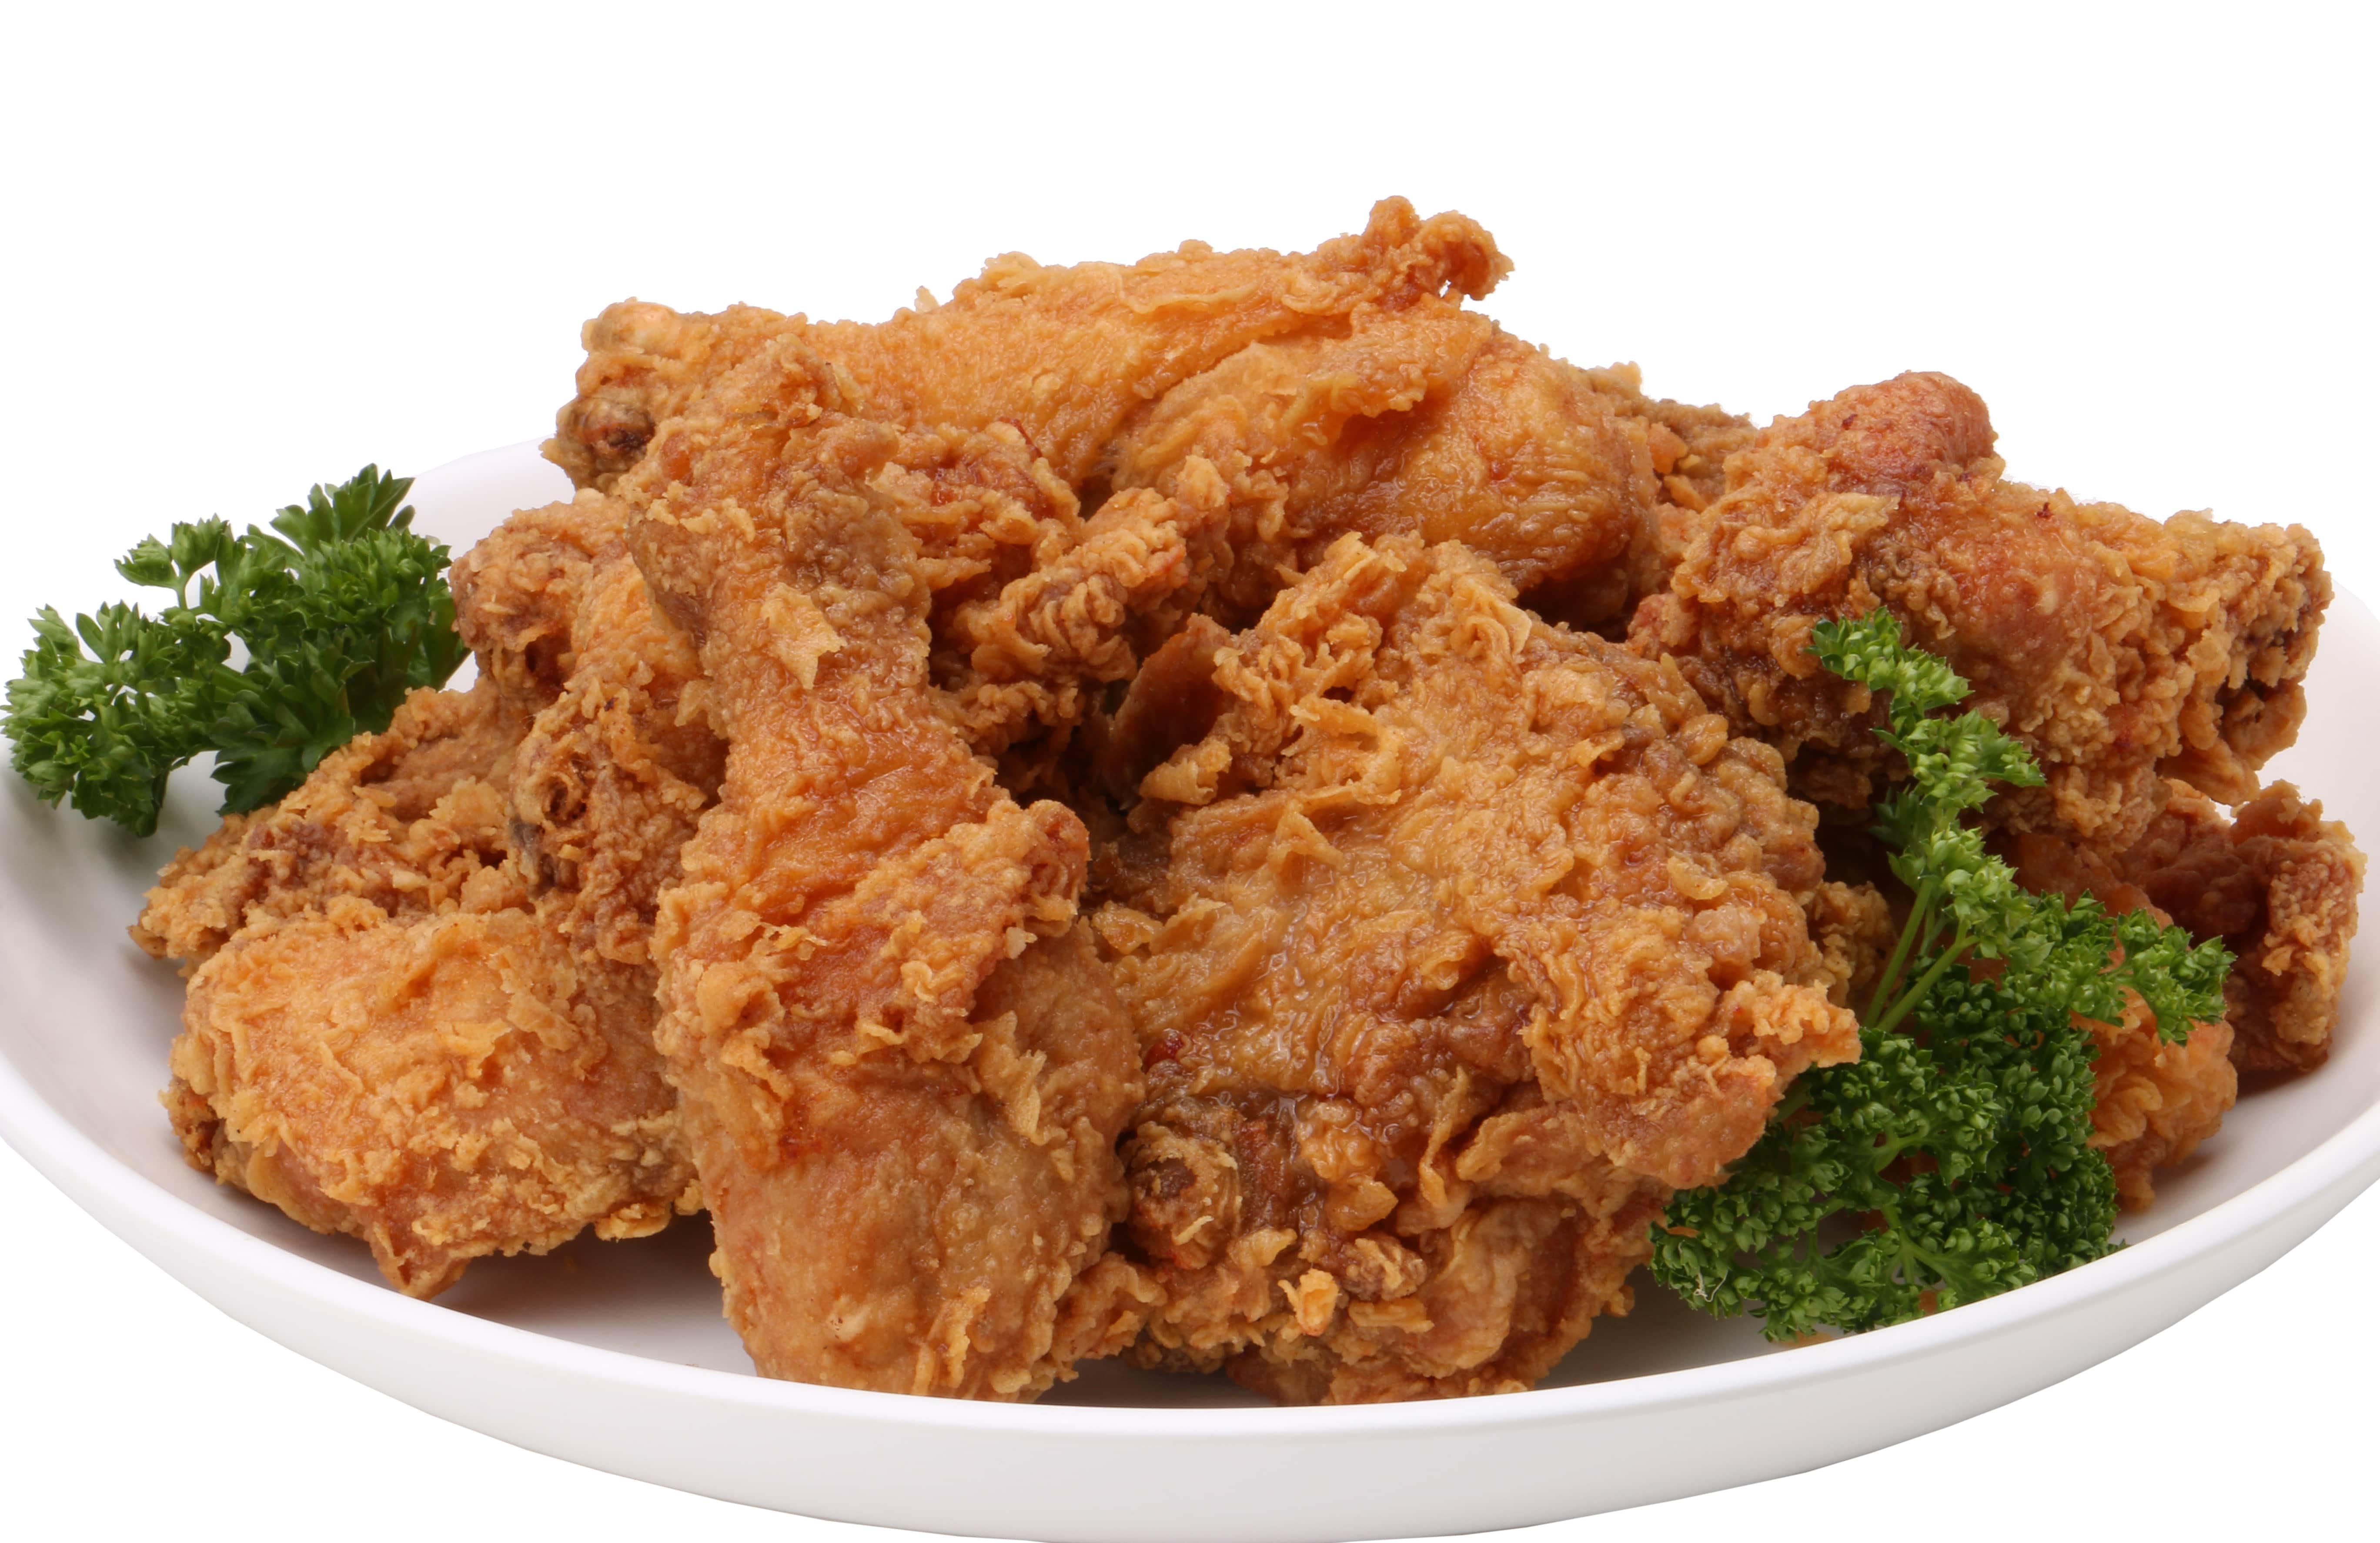 Original chicken